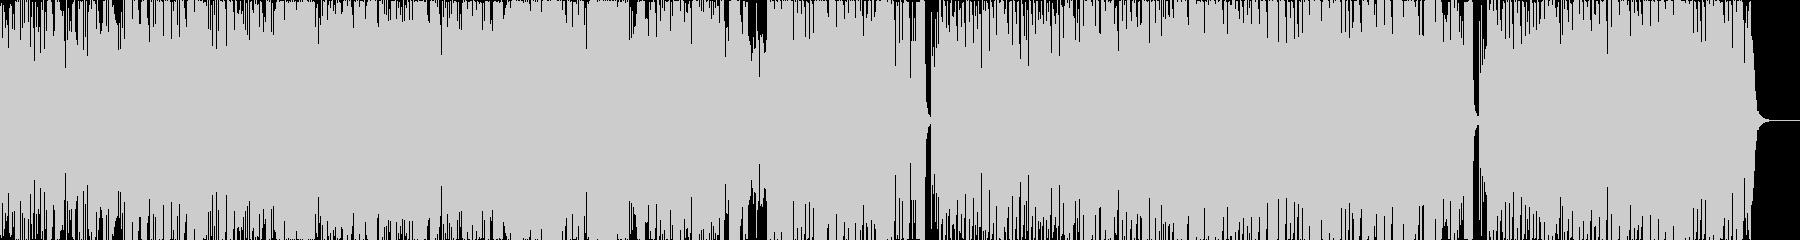 和楽器と声を使ったポップなニューウェーヴの未再生の波形